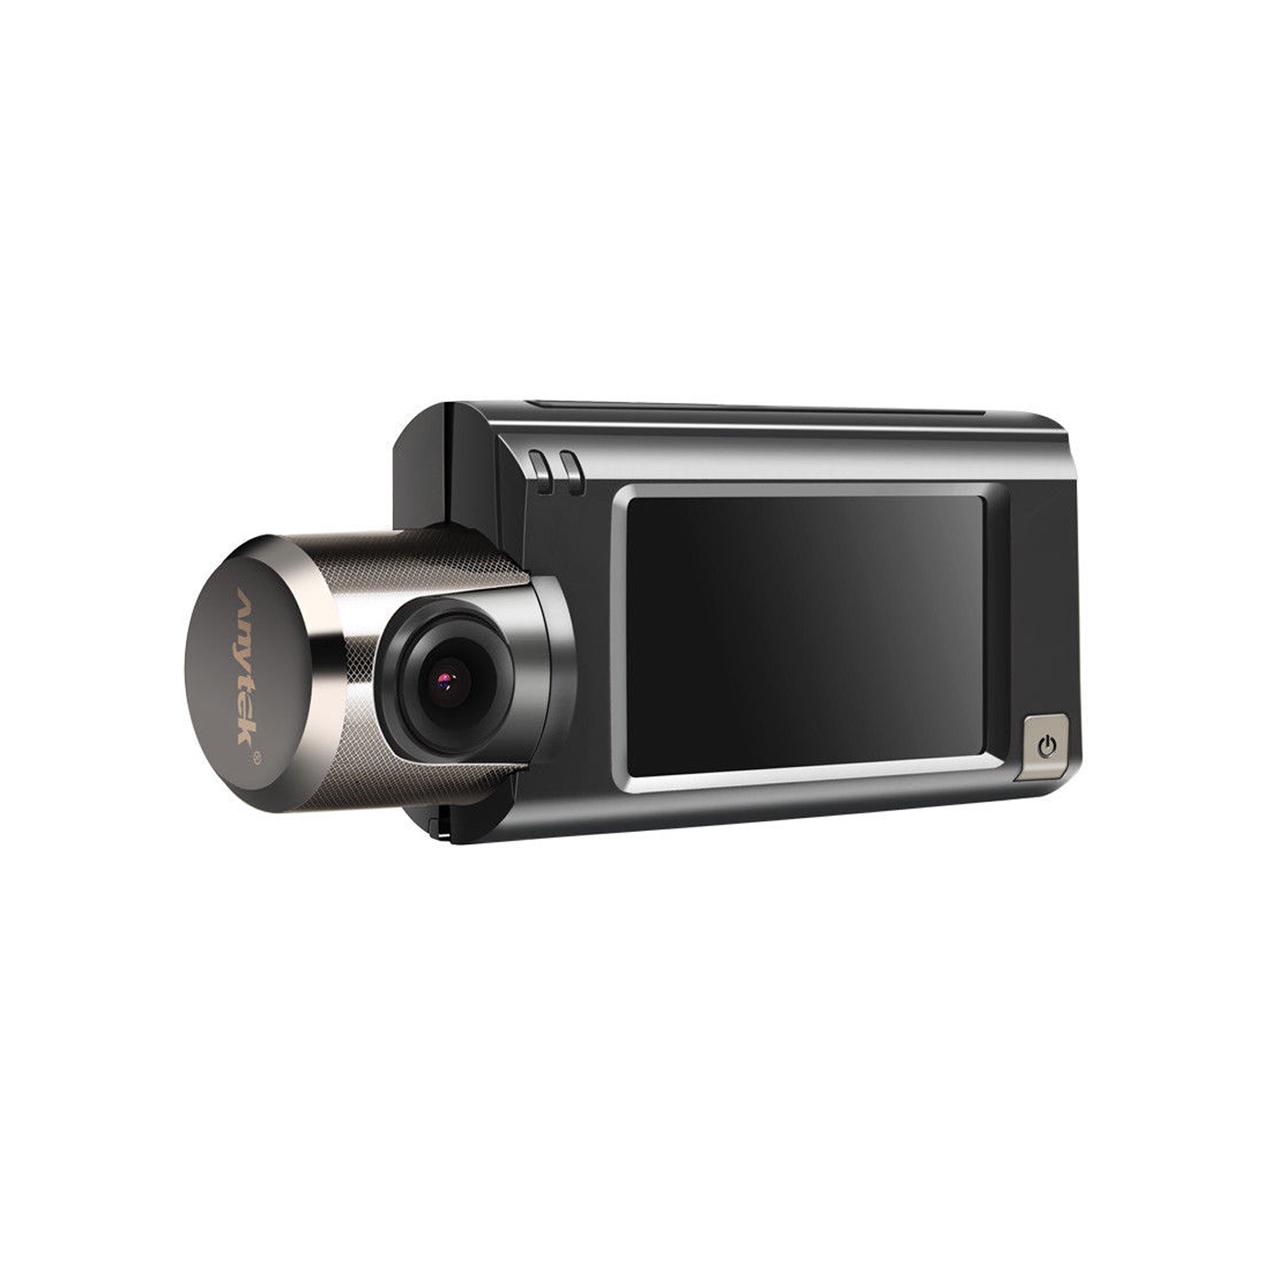 دوربین فیلم برداری خودرو انی تک مدل G100 N